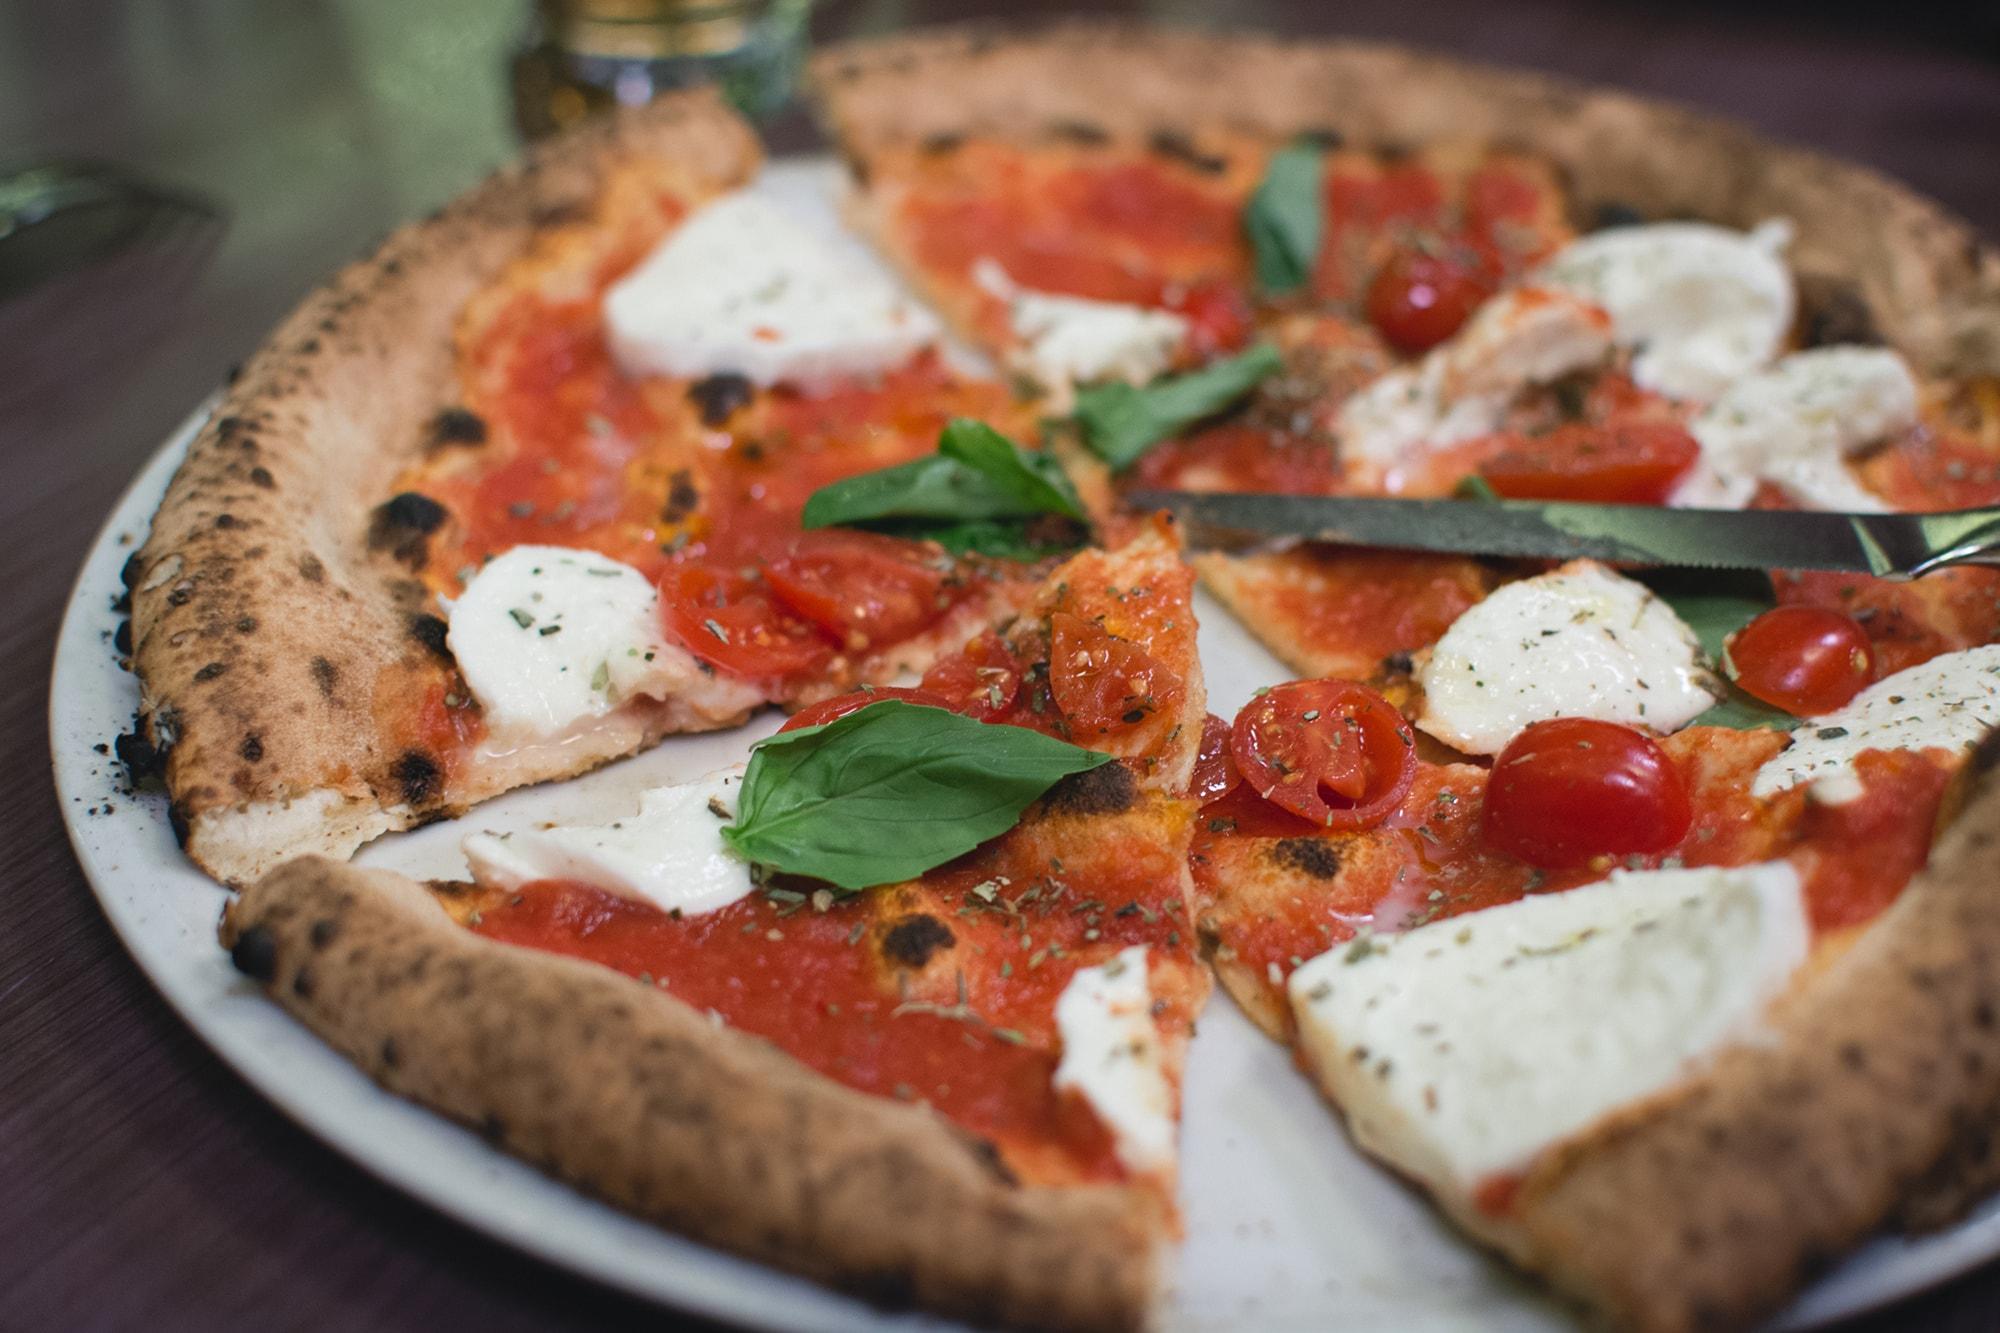 menù pizza per 2 con bibite, dolci e limonicino ai 2 leoni di ubersetto a soli 19€ a coppia